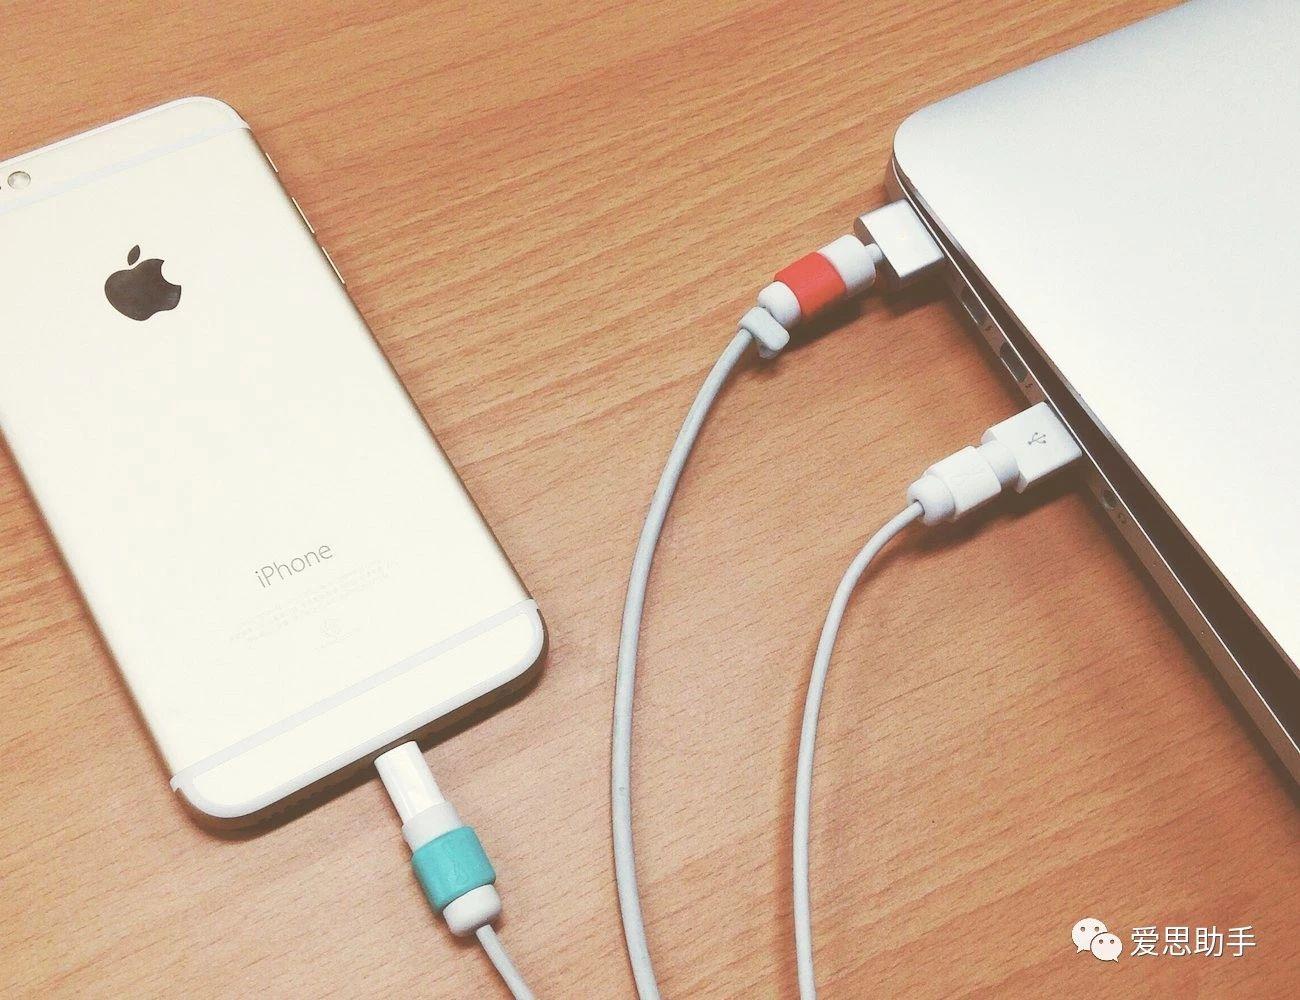 苏州苹果授权维修点告诉你为什么iPhone6以后电池耗电快?-手机维修网